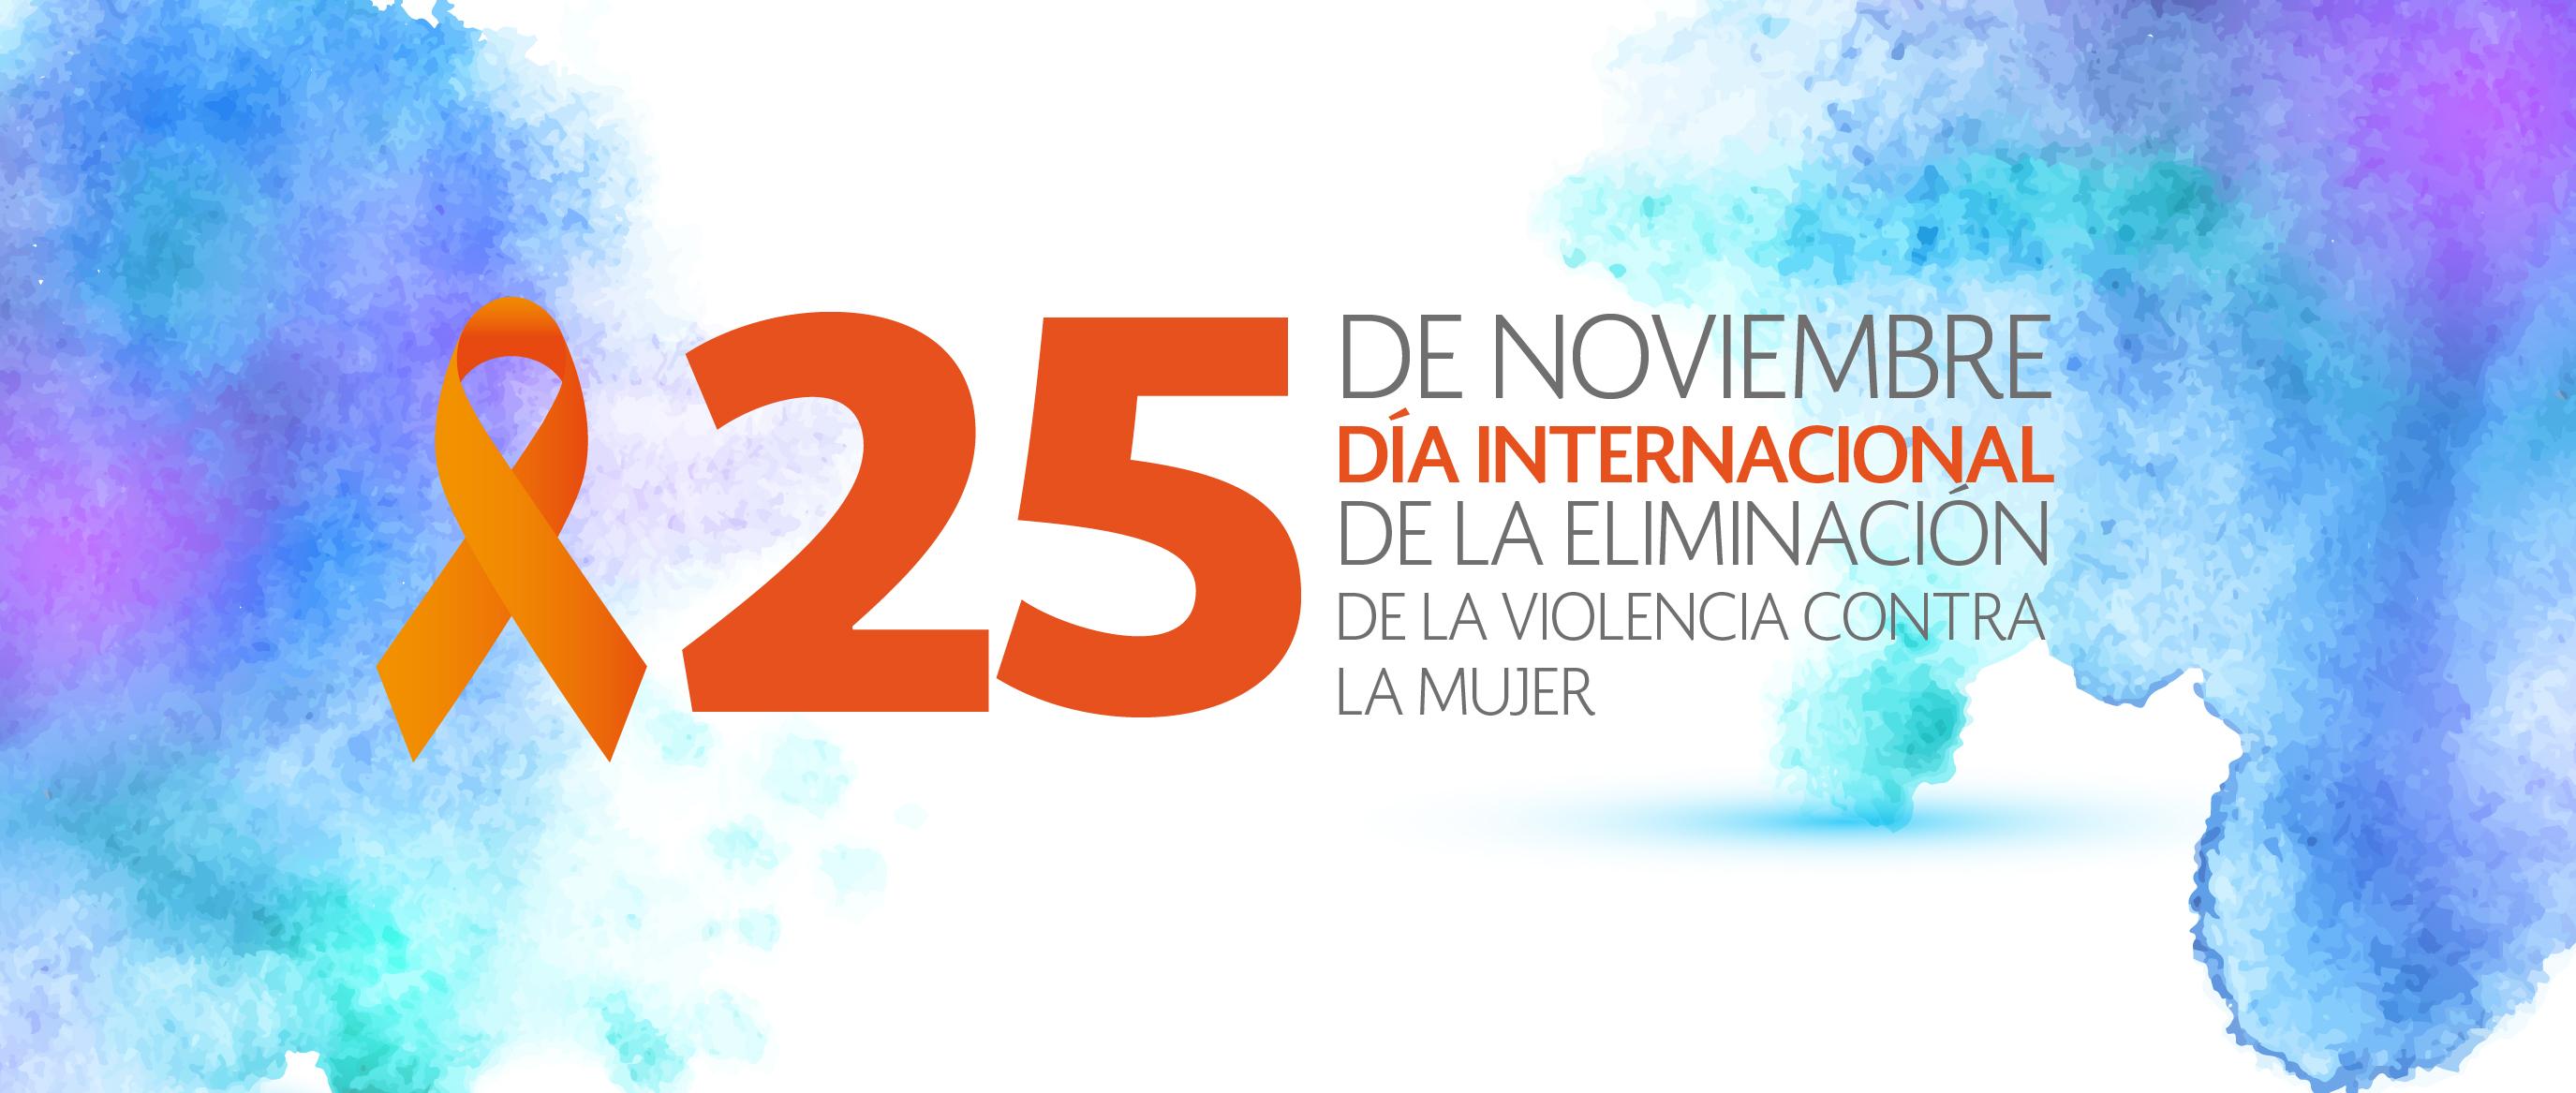 Día Internacional De La Eliminación De La Violencia Contra La Mujer Banco Del Bienestar Sociedad Nacional De Crédito Institución De Banca De Desarrollo Gobierno Gob Mx